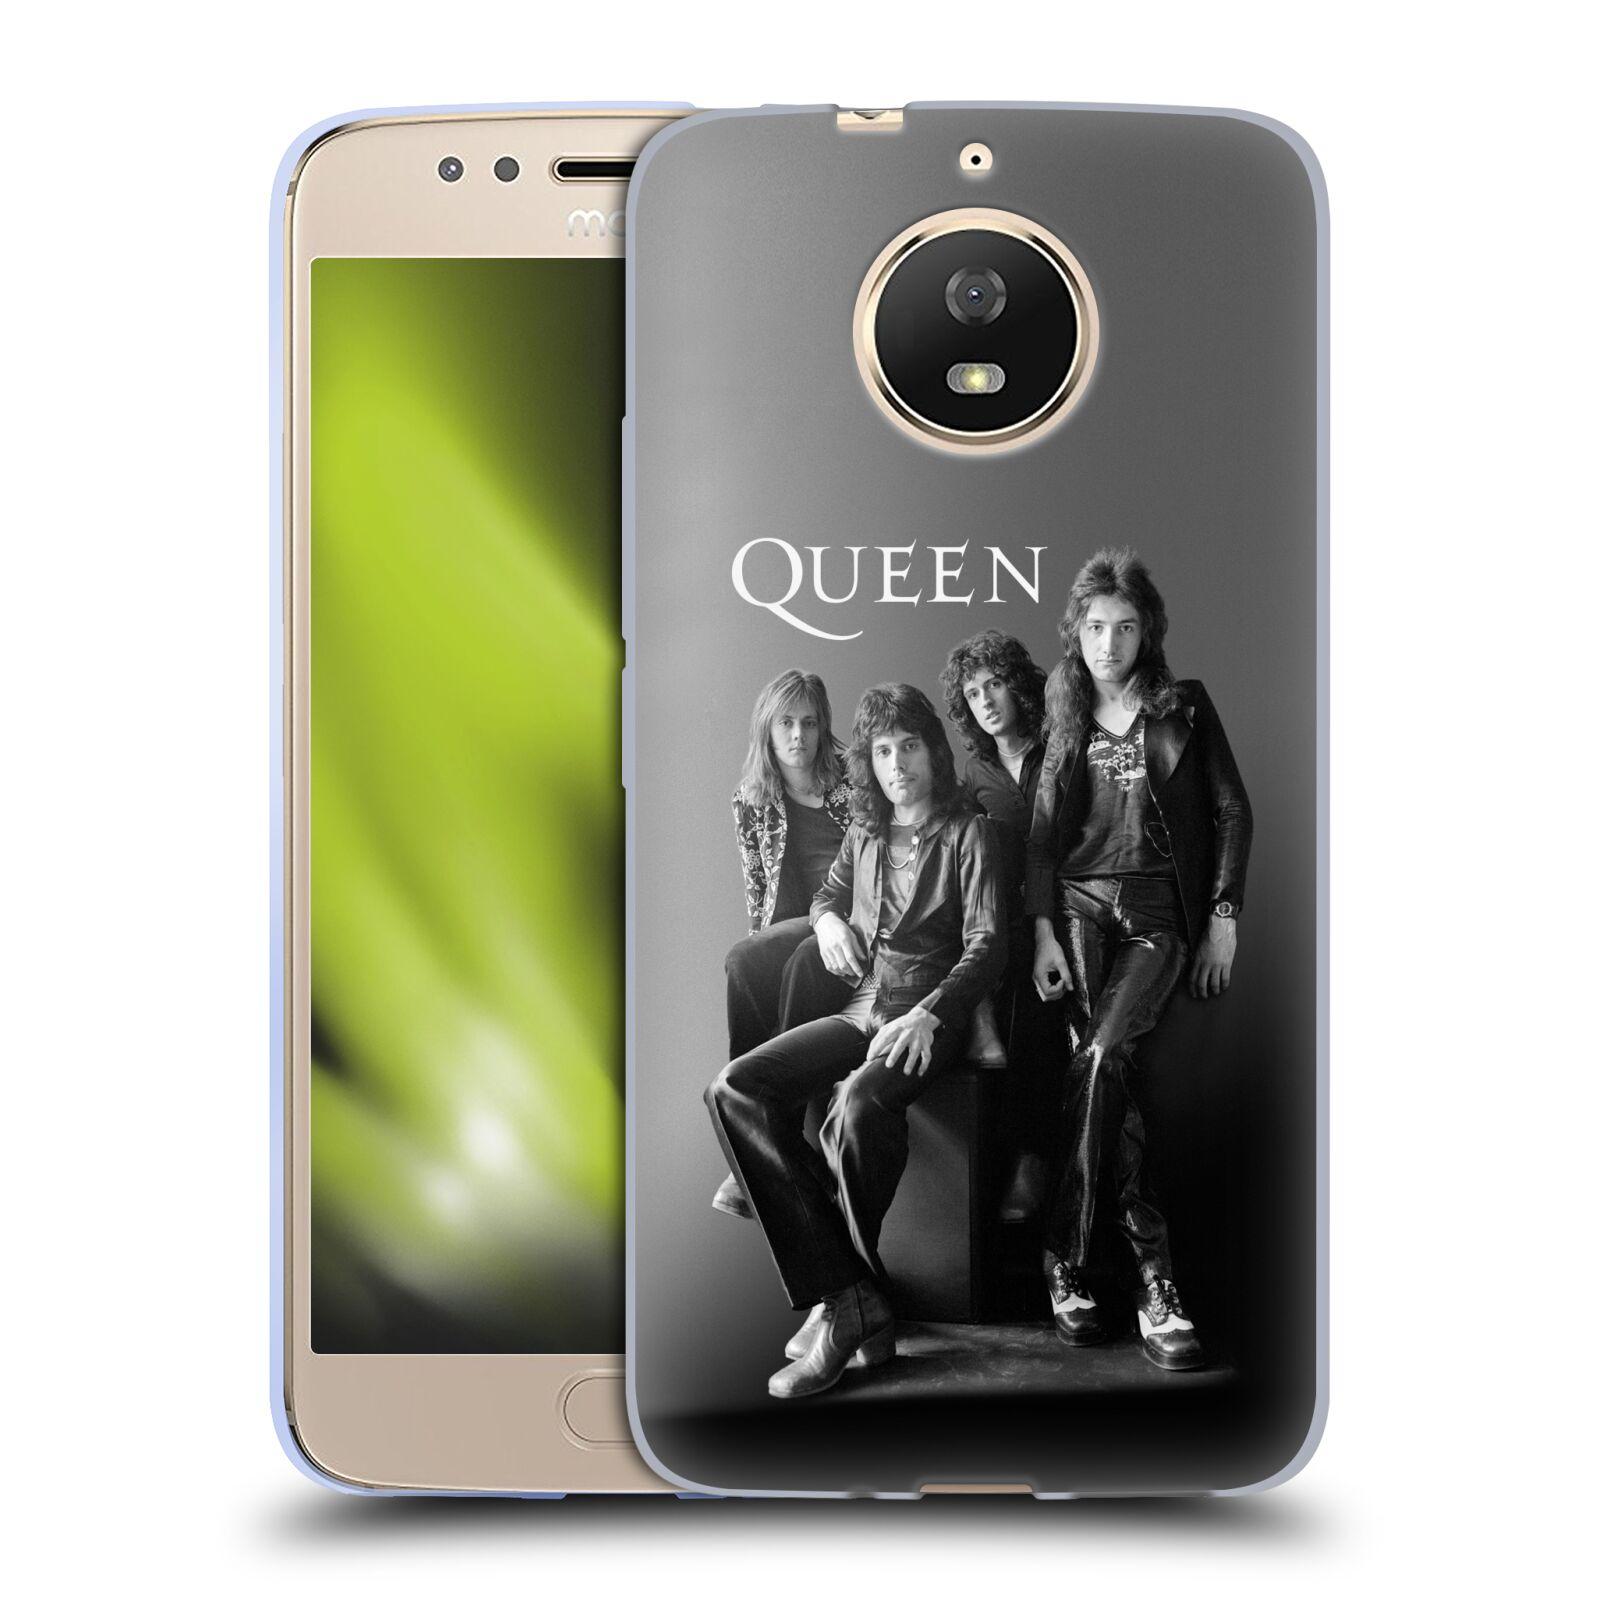 Silikonové pouzdro na mobil Lenovo Moto G5s - Head Case - Queen - Skupina